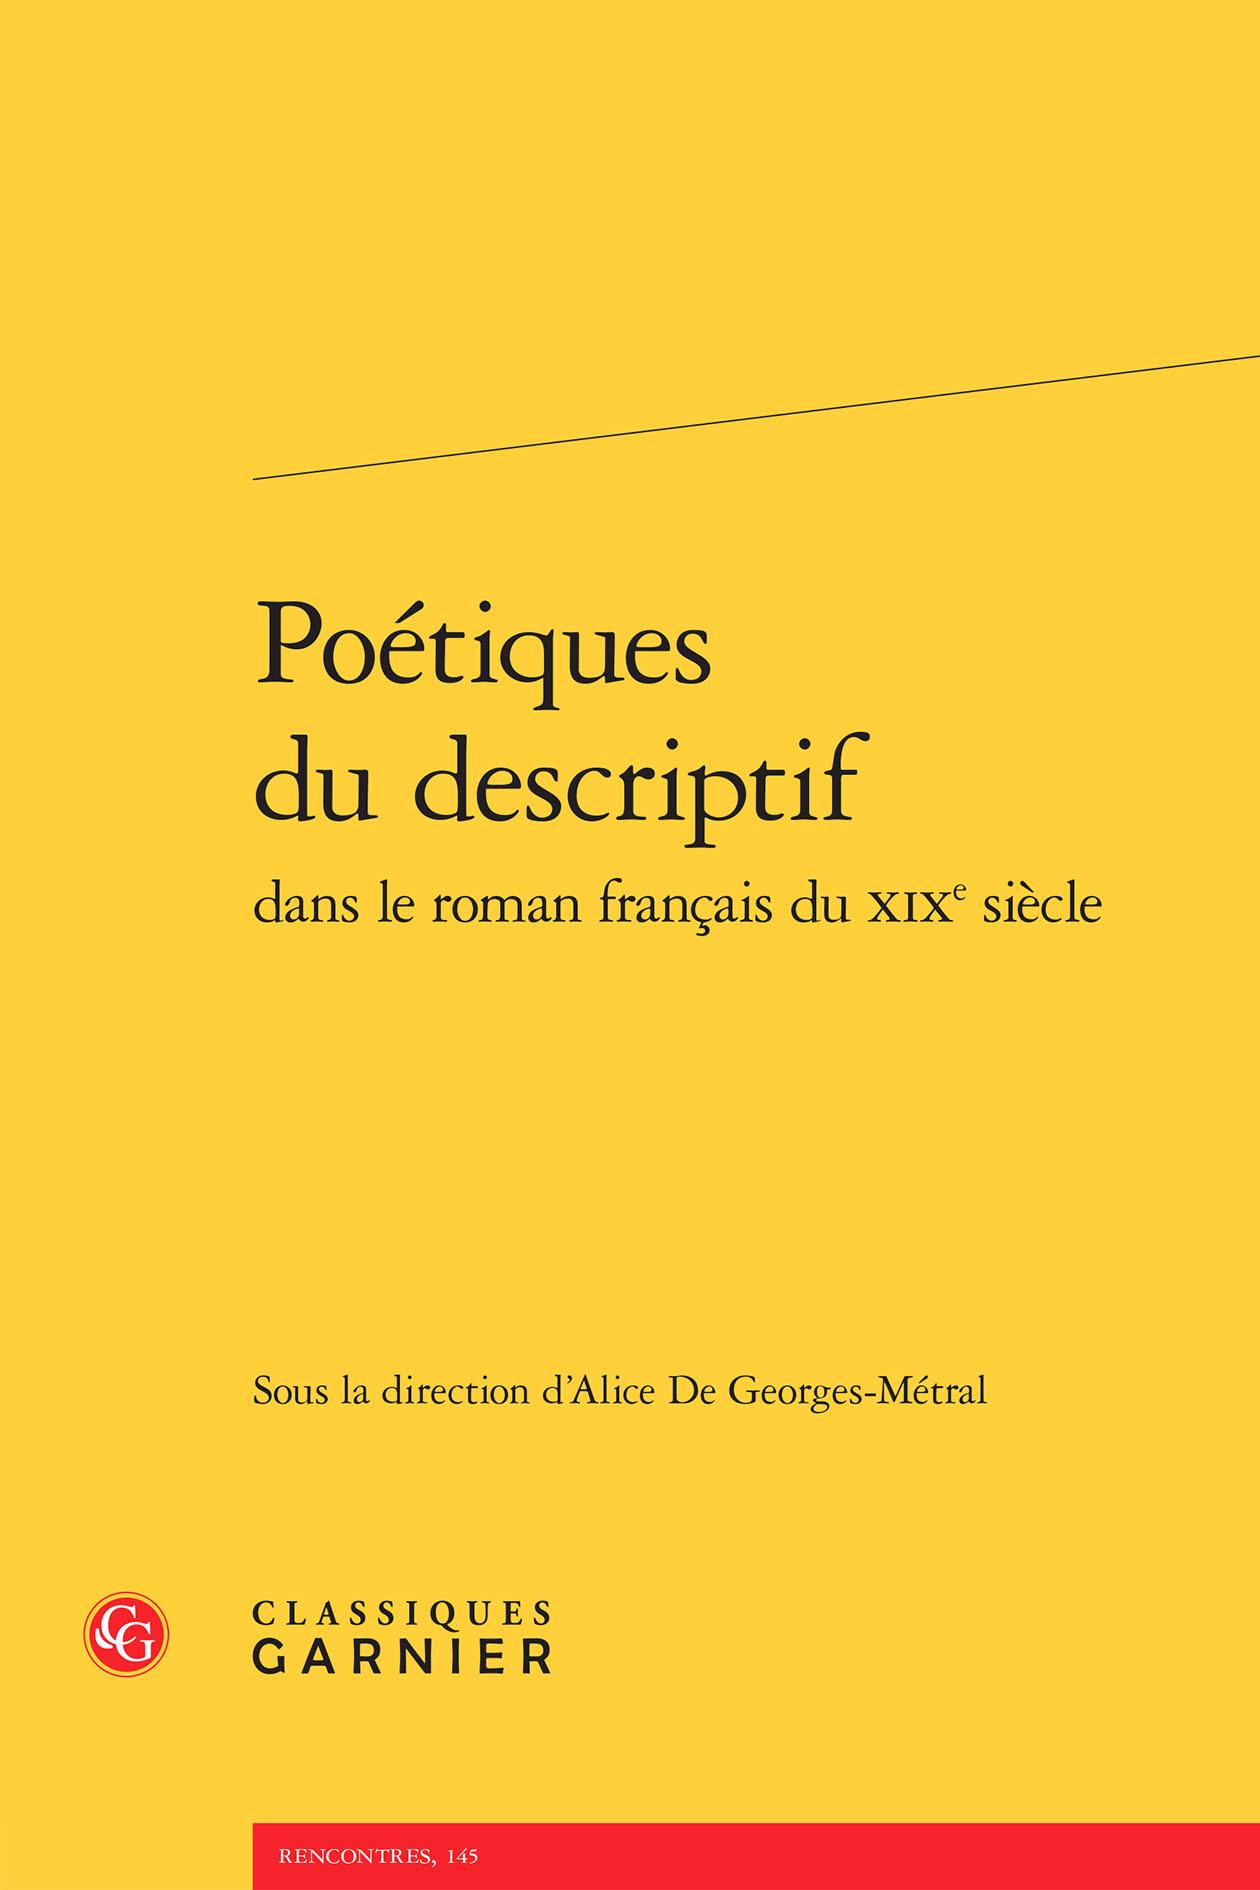 POETIQUES DU DESCRIPTIF DANS LE ROMAN FRANCAIS DU XIXE SIECLE